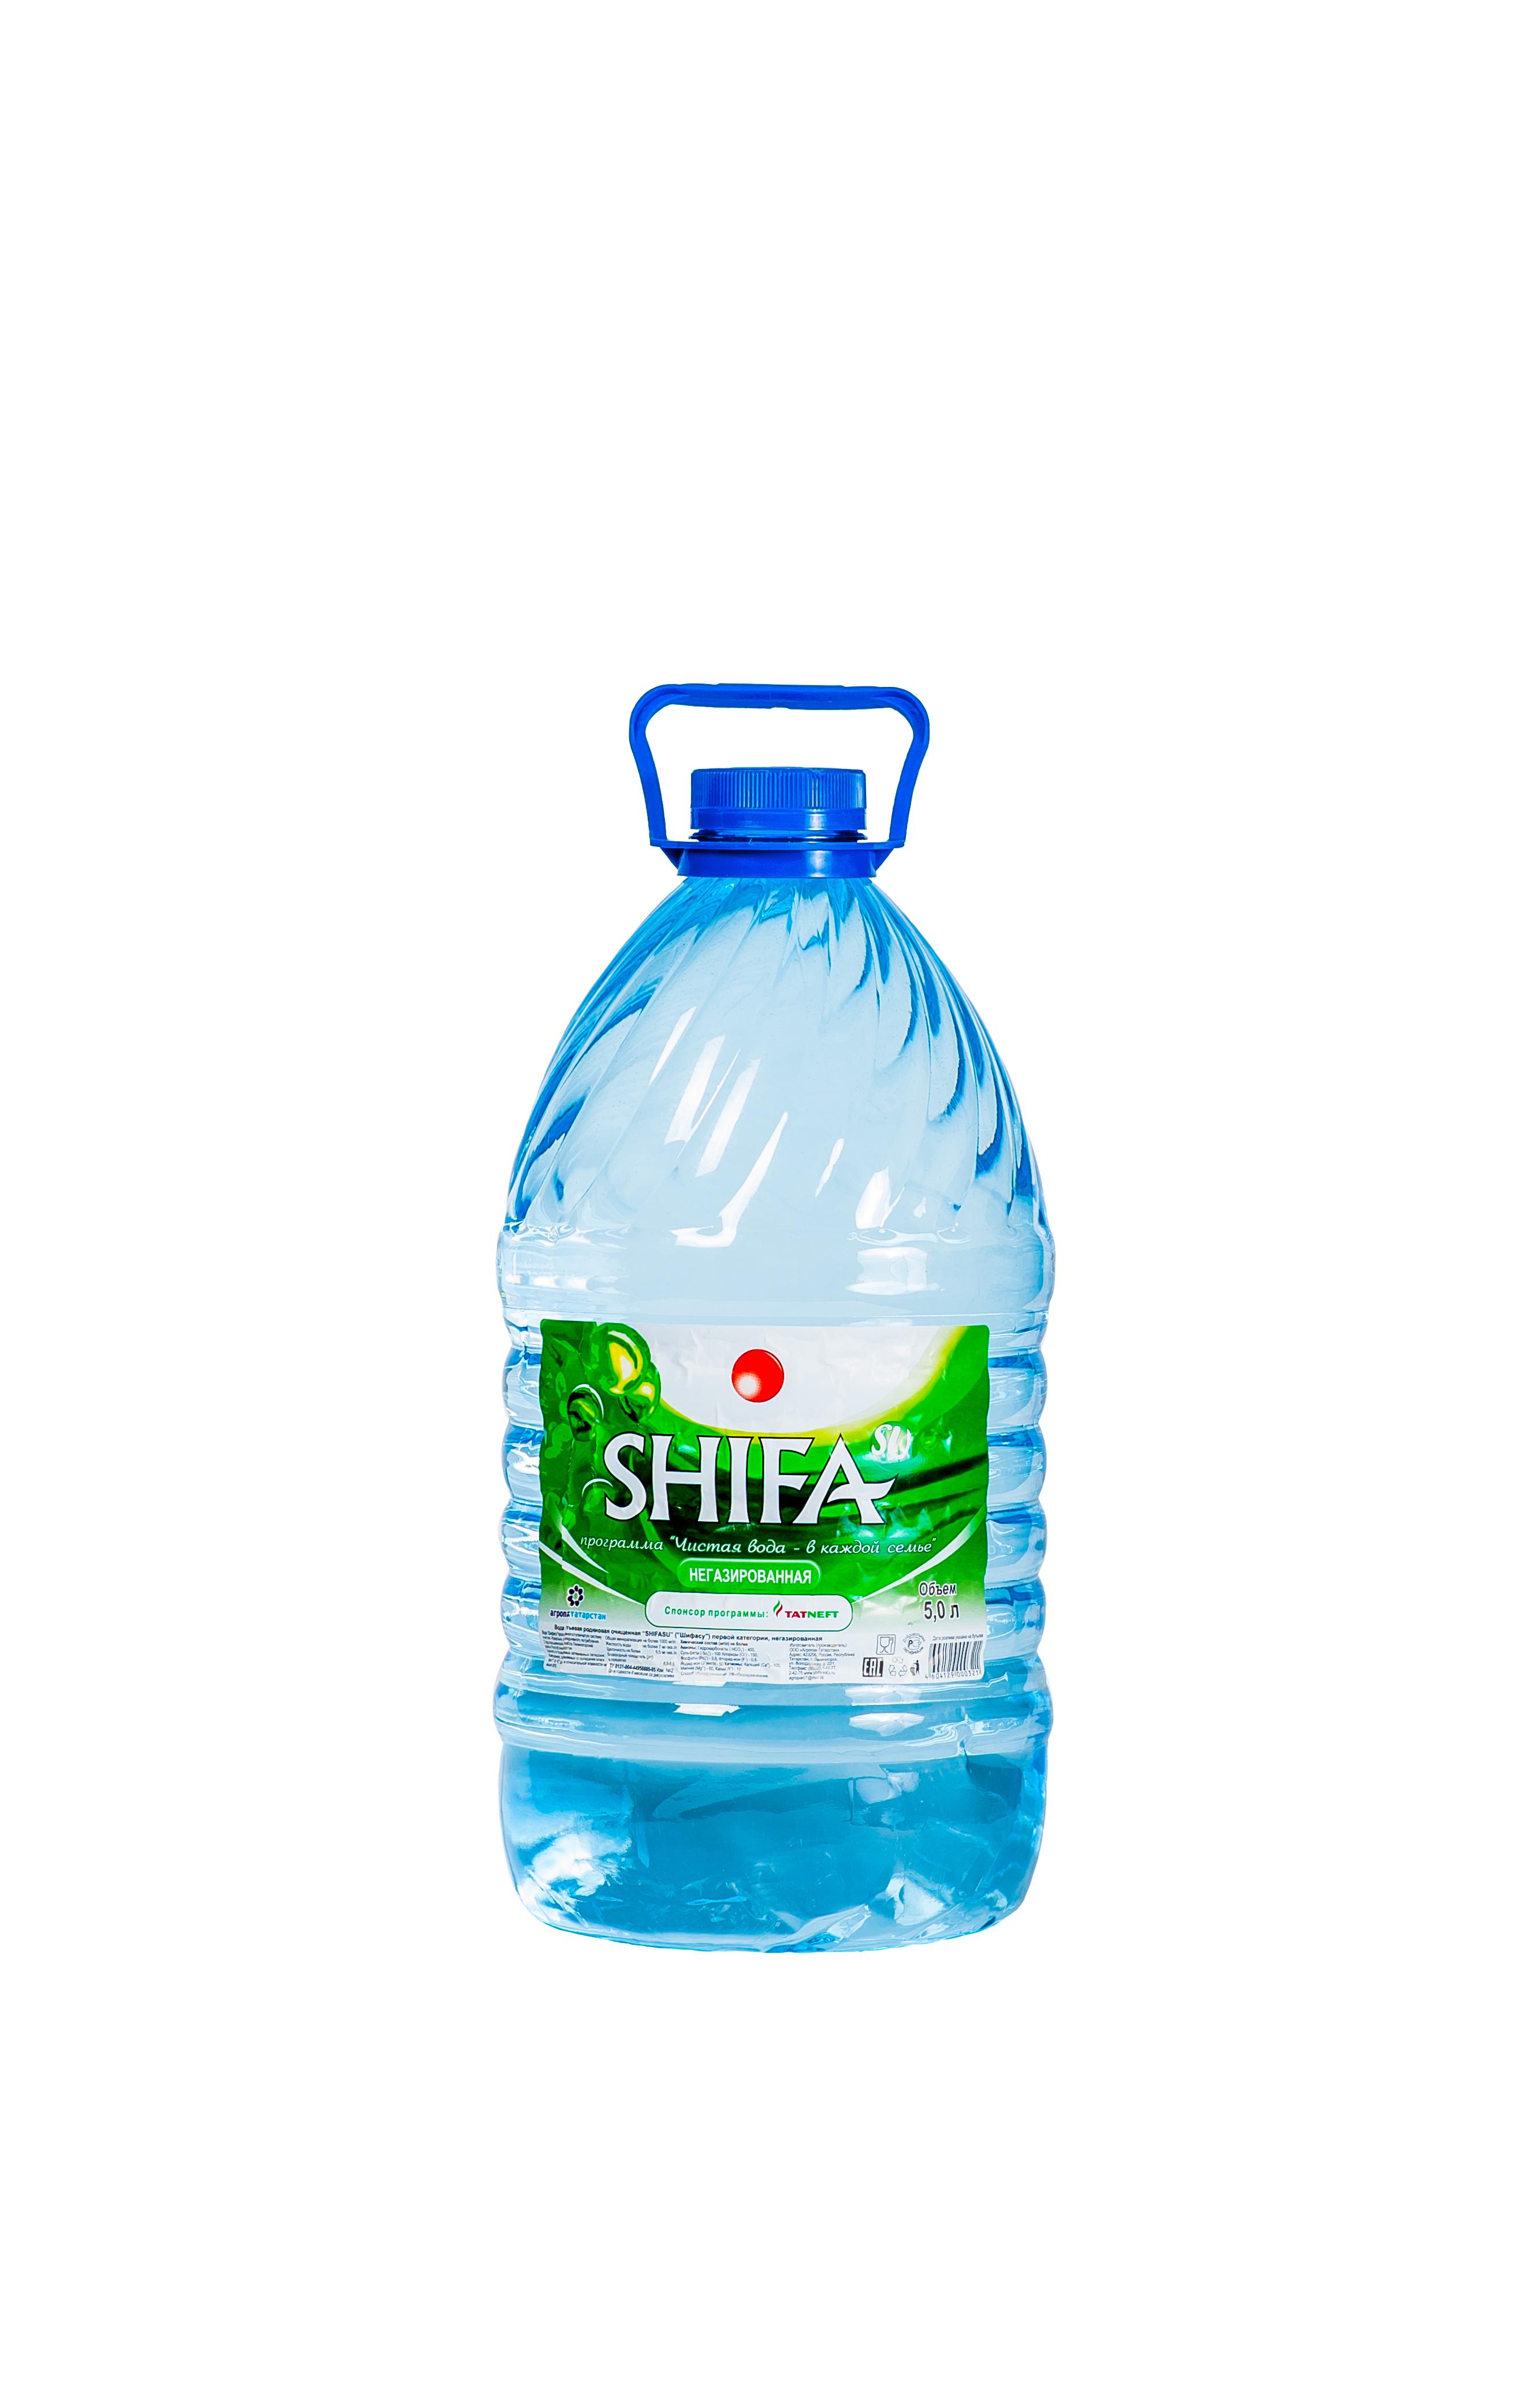 Здорова вода - Питна вода на розлив та з доставкою